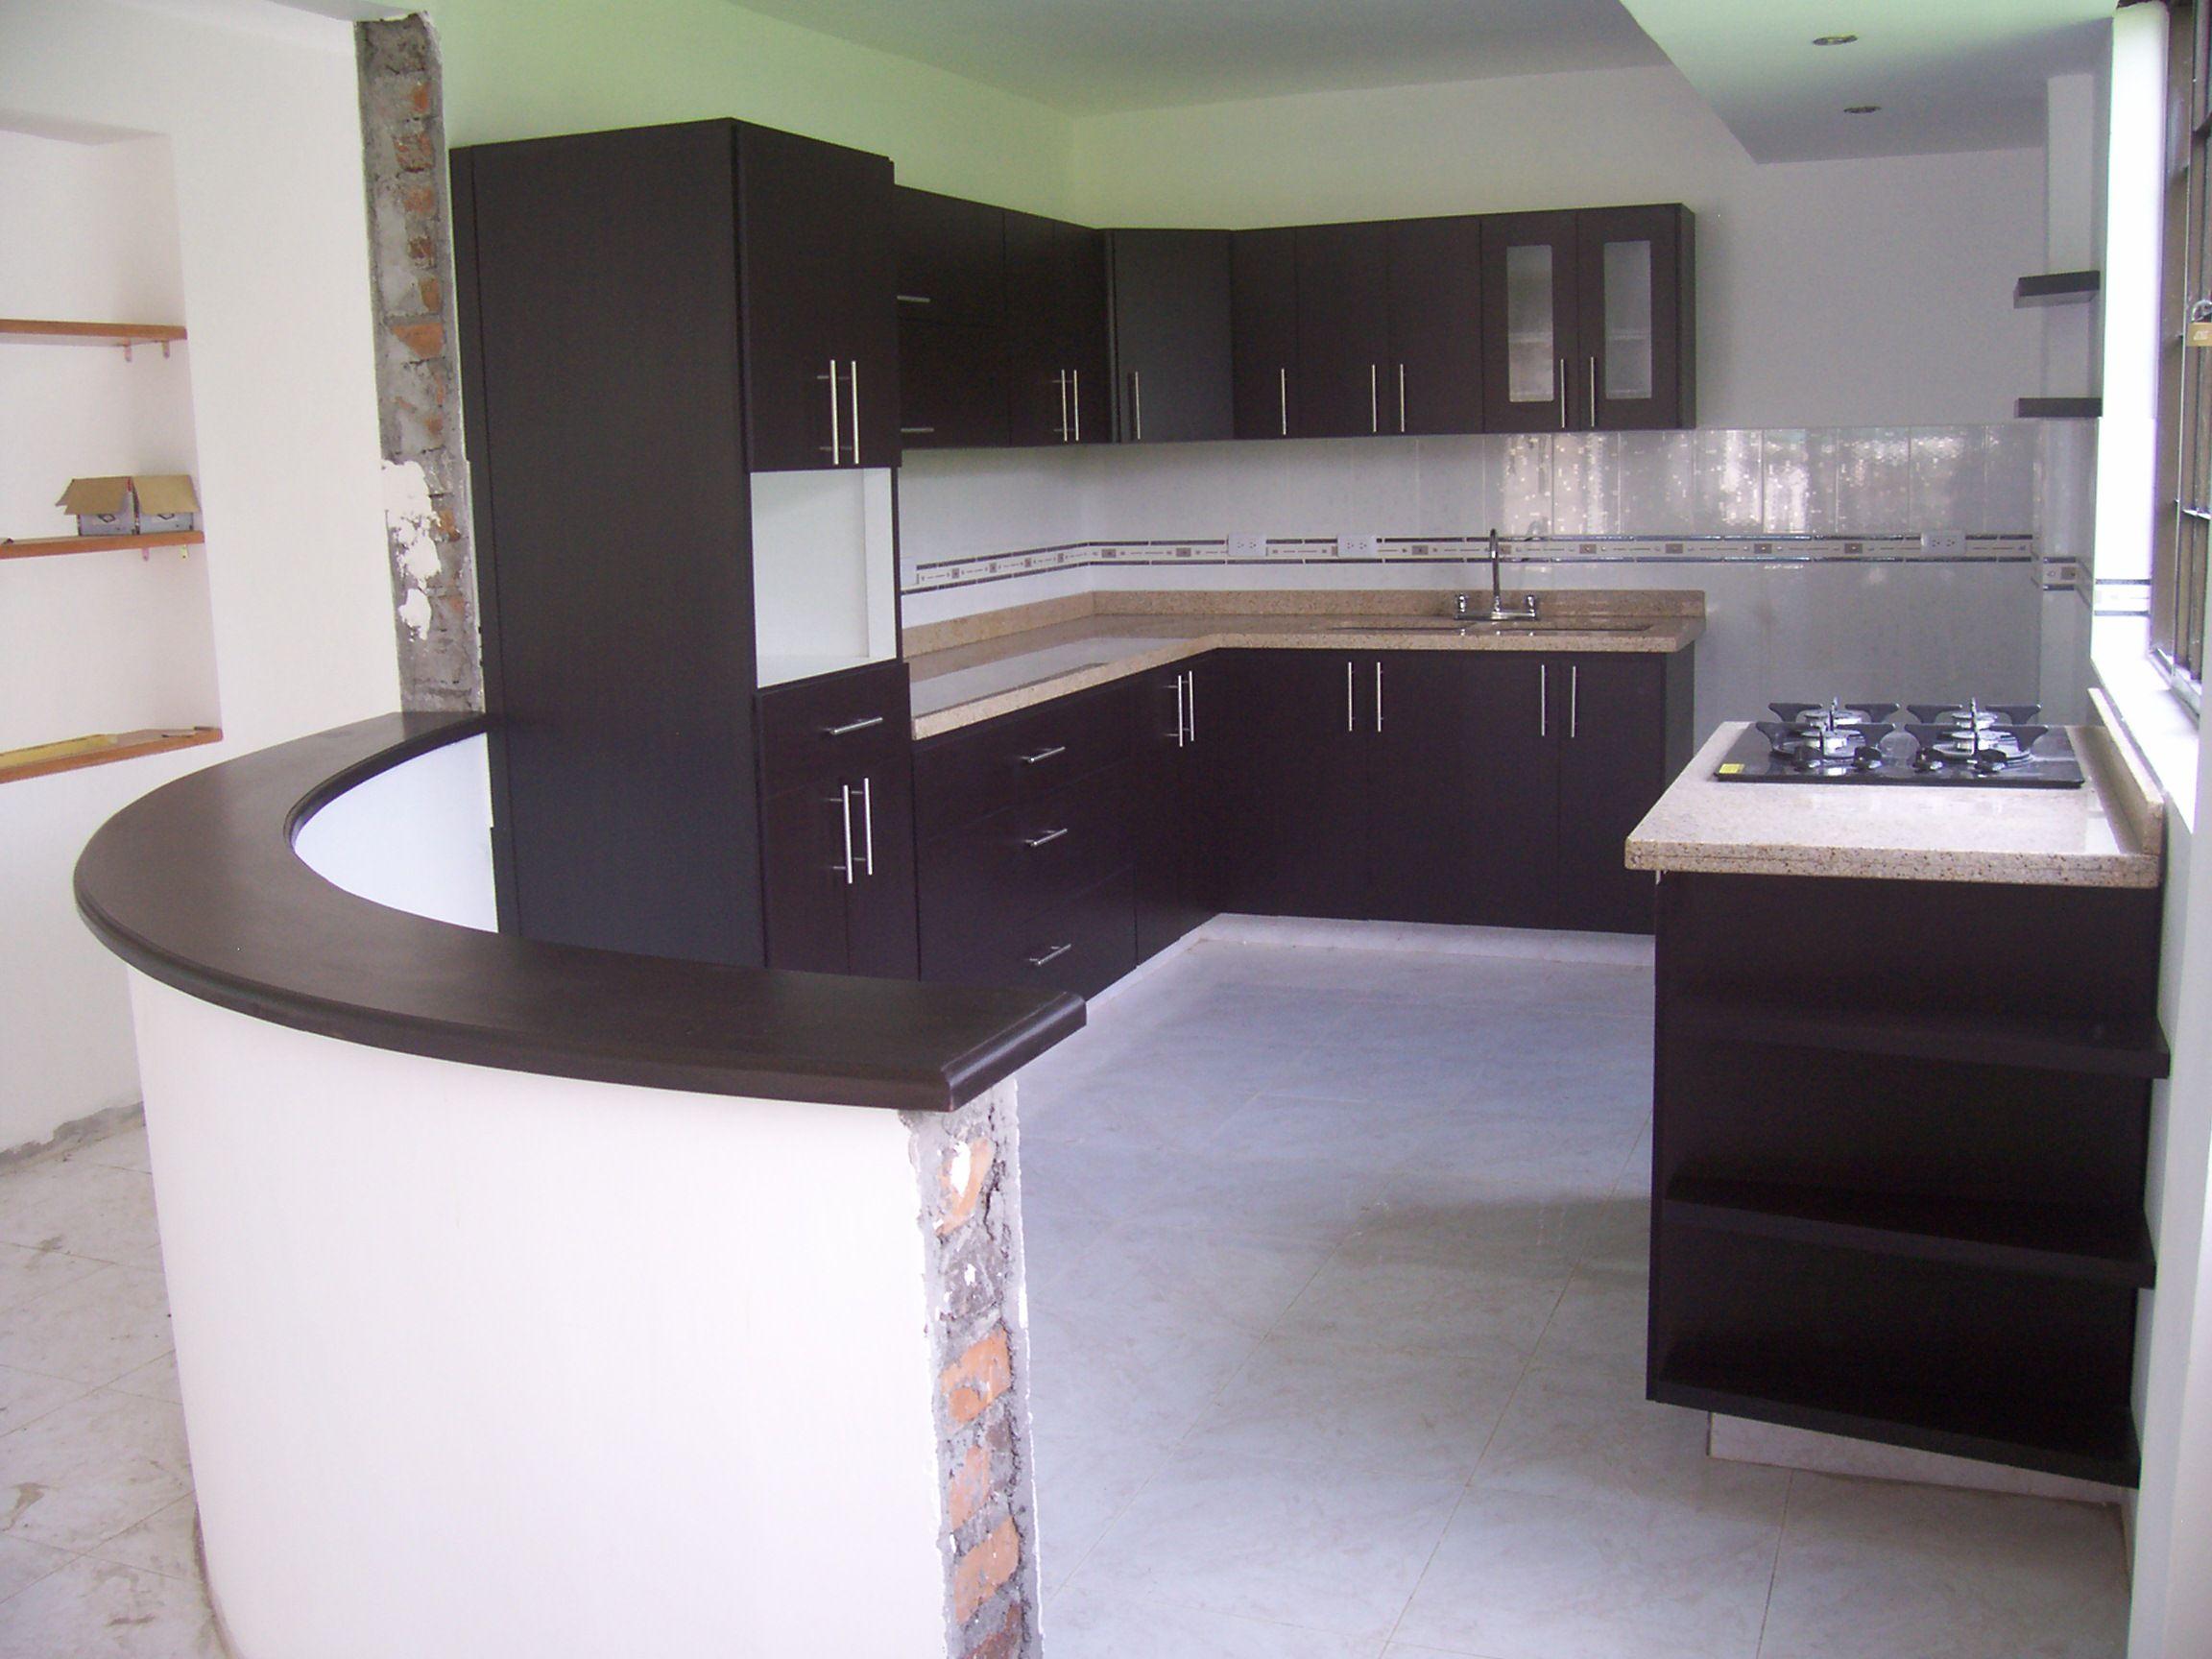 Pereira Fabricada por C&G Arte y Decoración: Cocina con meson en ...